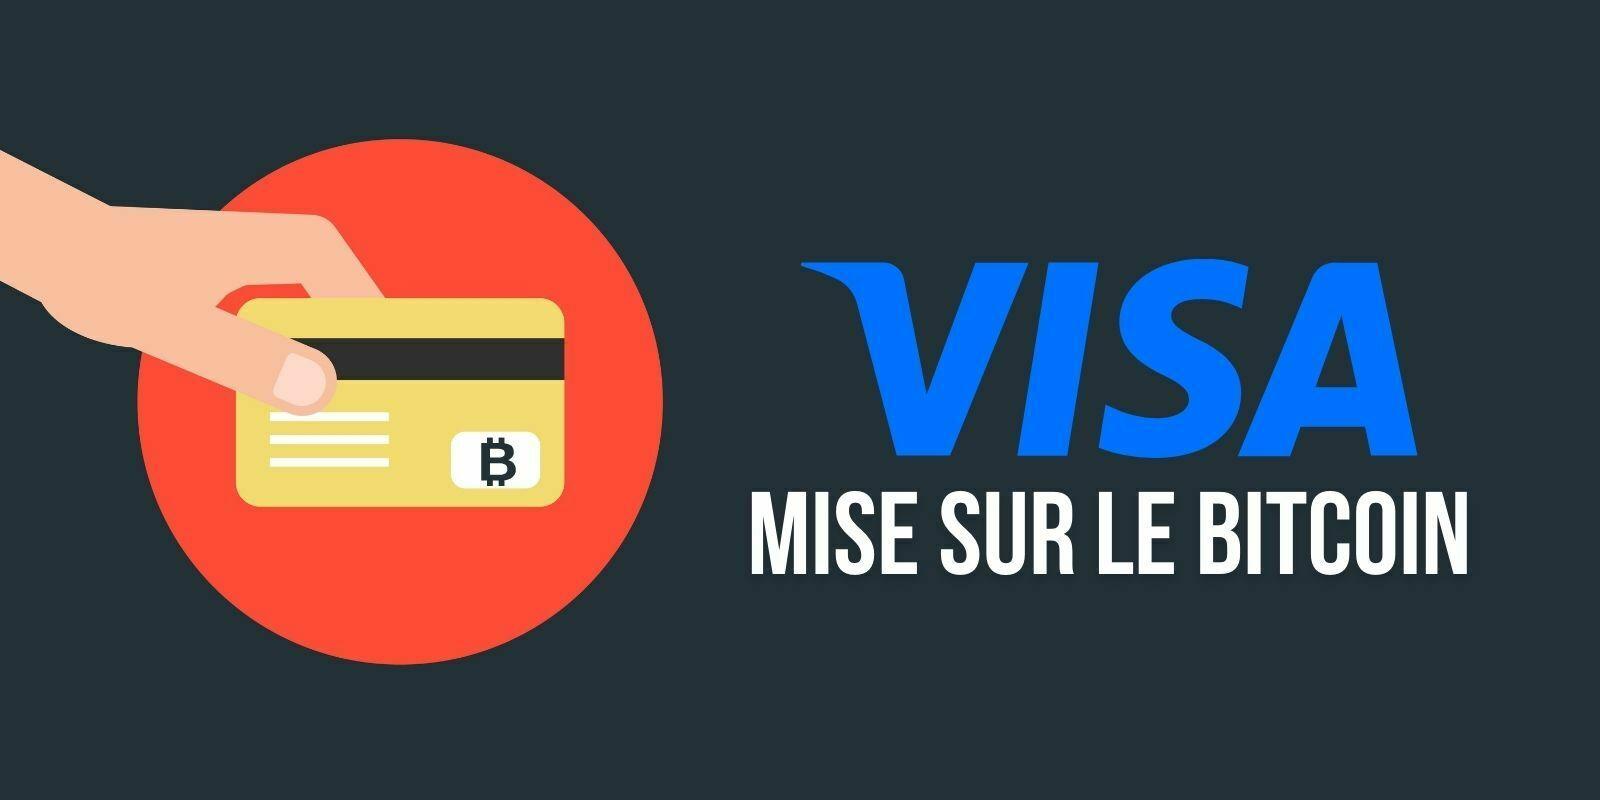 Le PDG de Visa confirme que l'entreprise proposera les achats et échanges de Bitcoin (BTC)